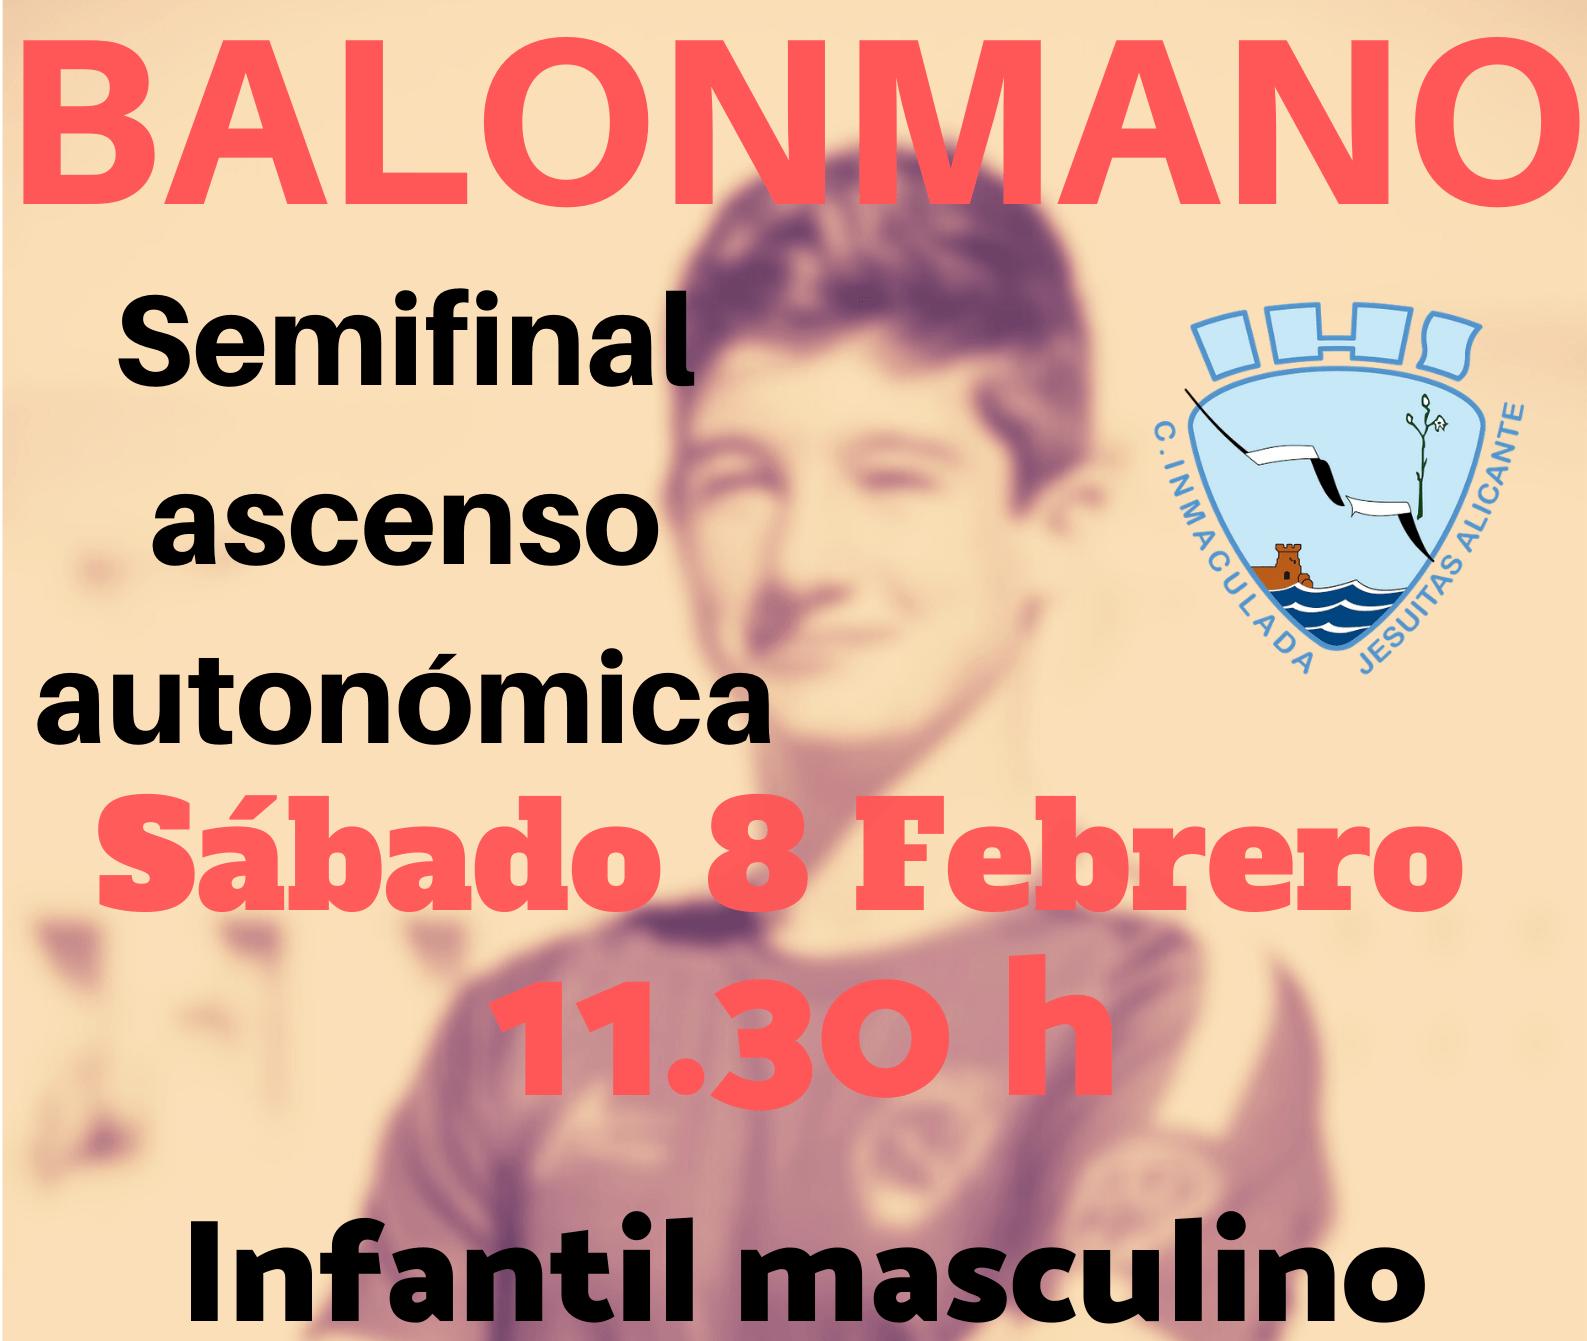 Semifinales de la categoría autonómica de Balonmano Cadete e Infantil